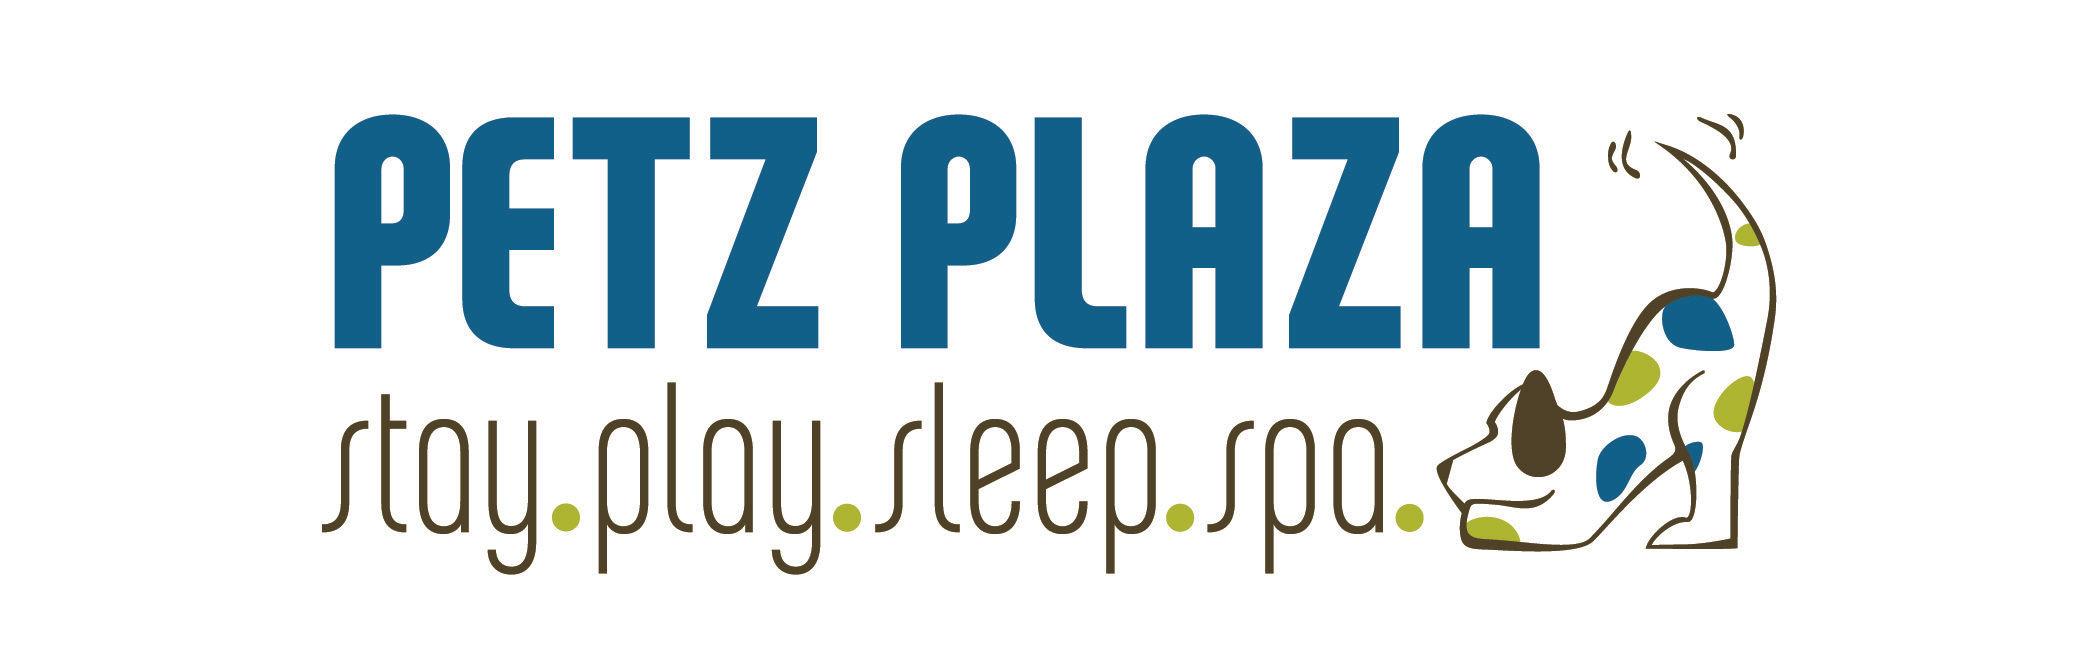 Petz Plaza Hiring - Pet Care Technicians FT/PT image 1